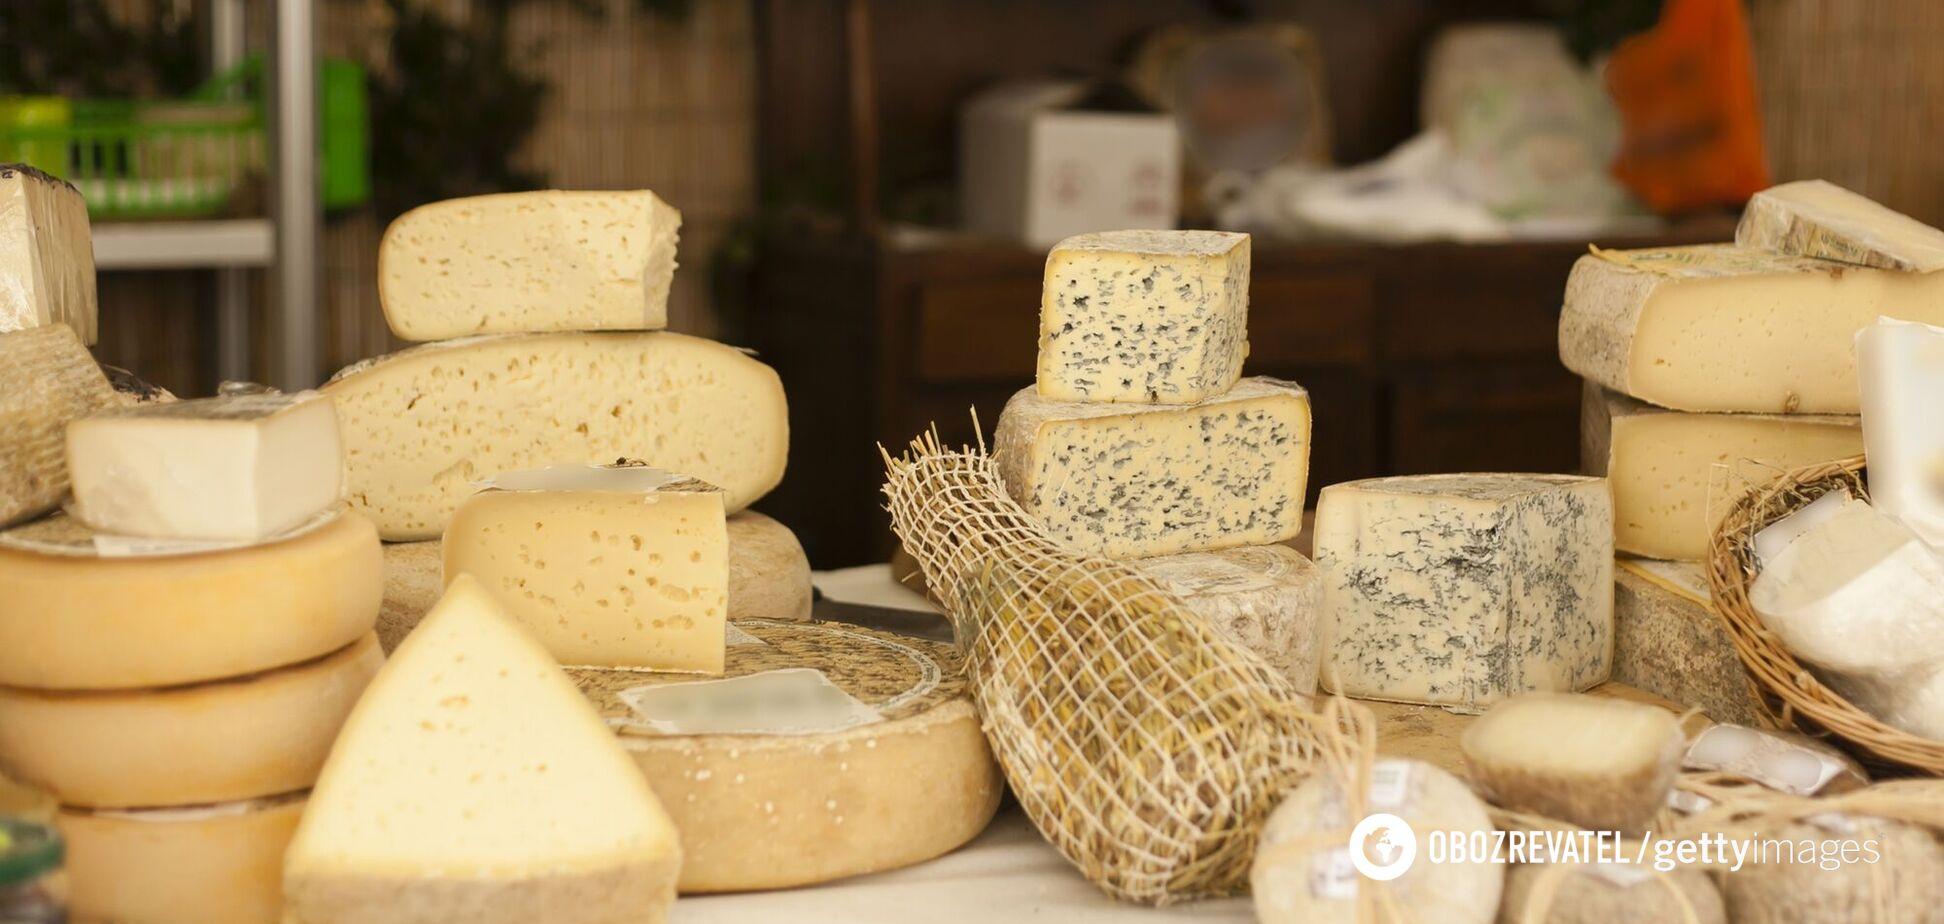 Як правильно вибрати справжній сир